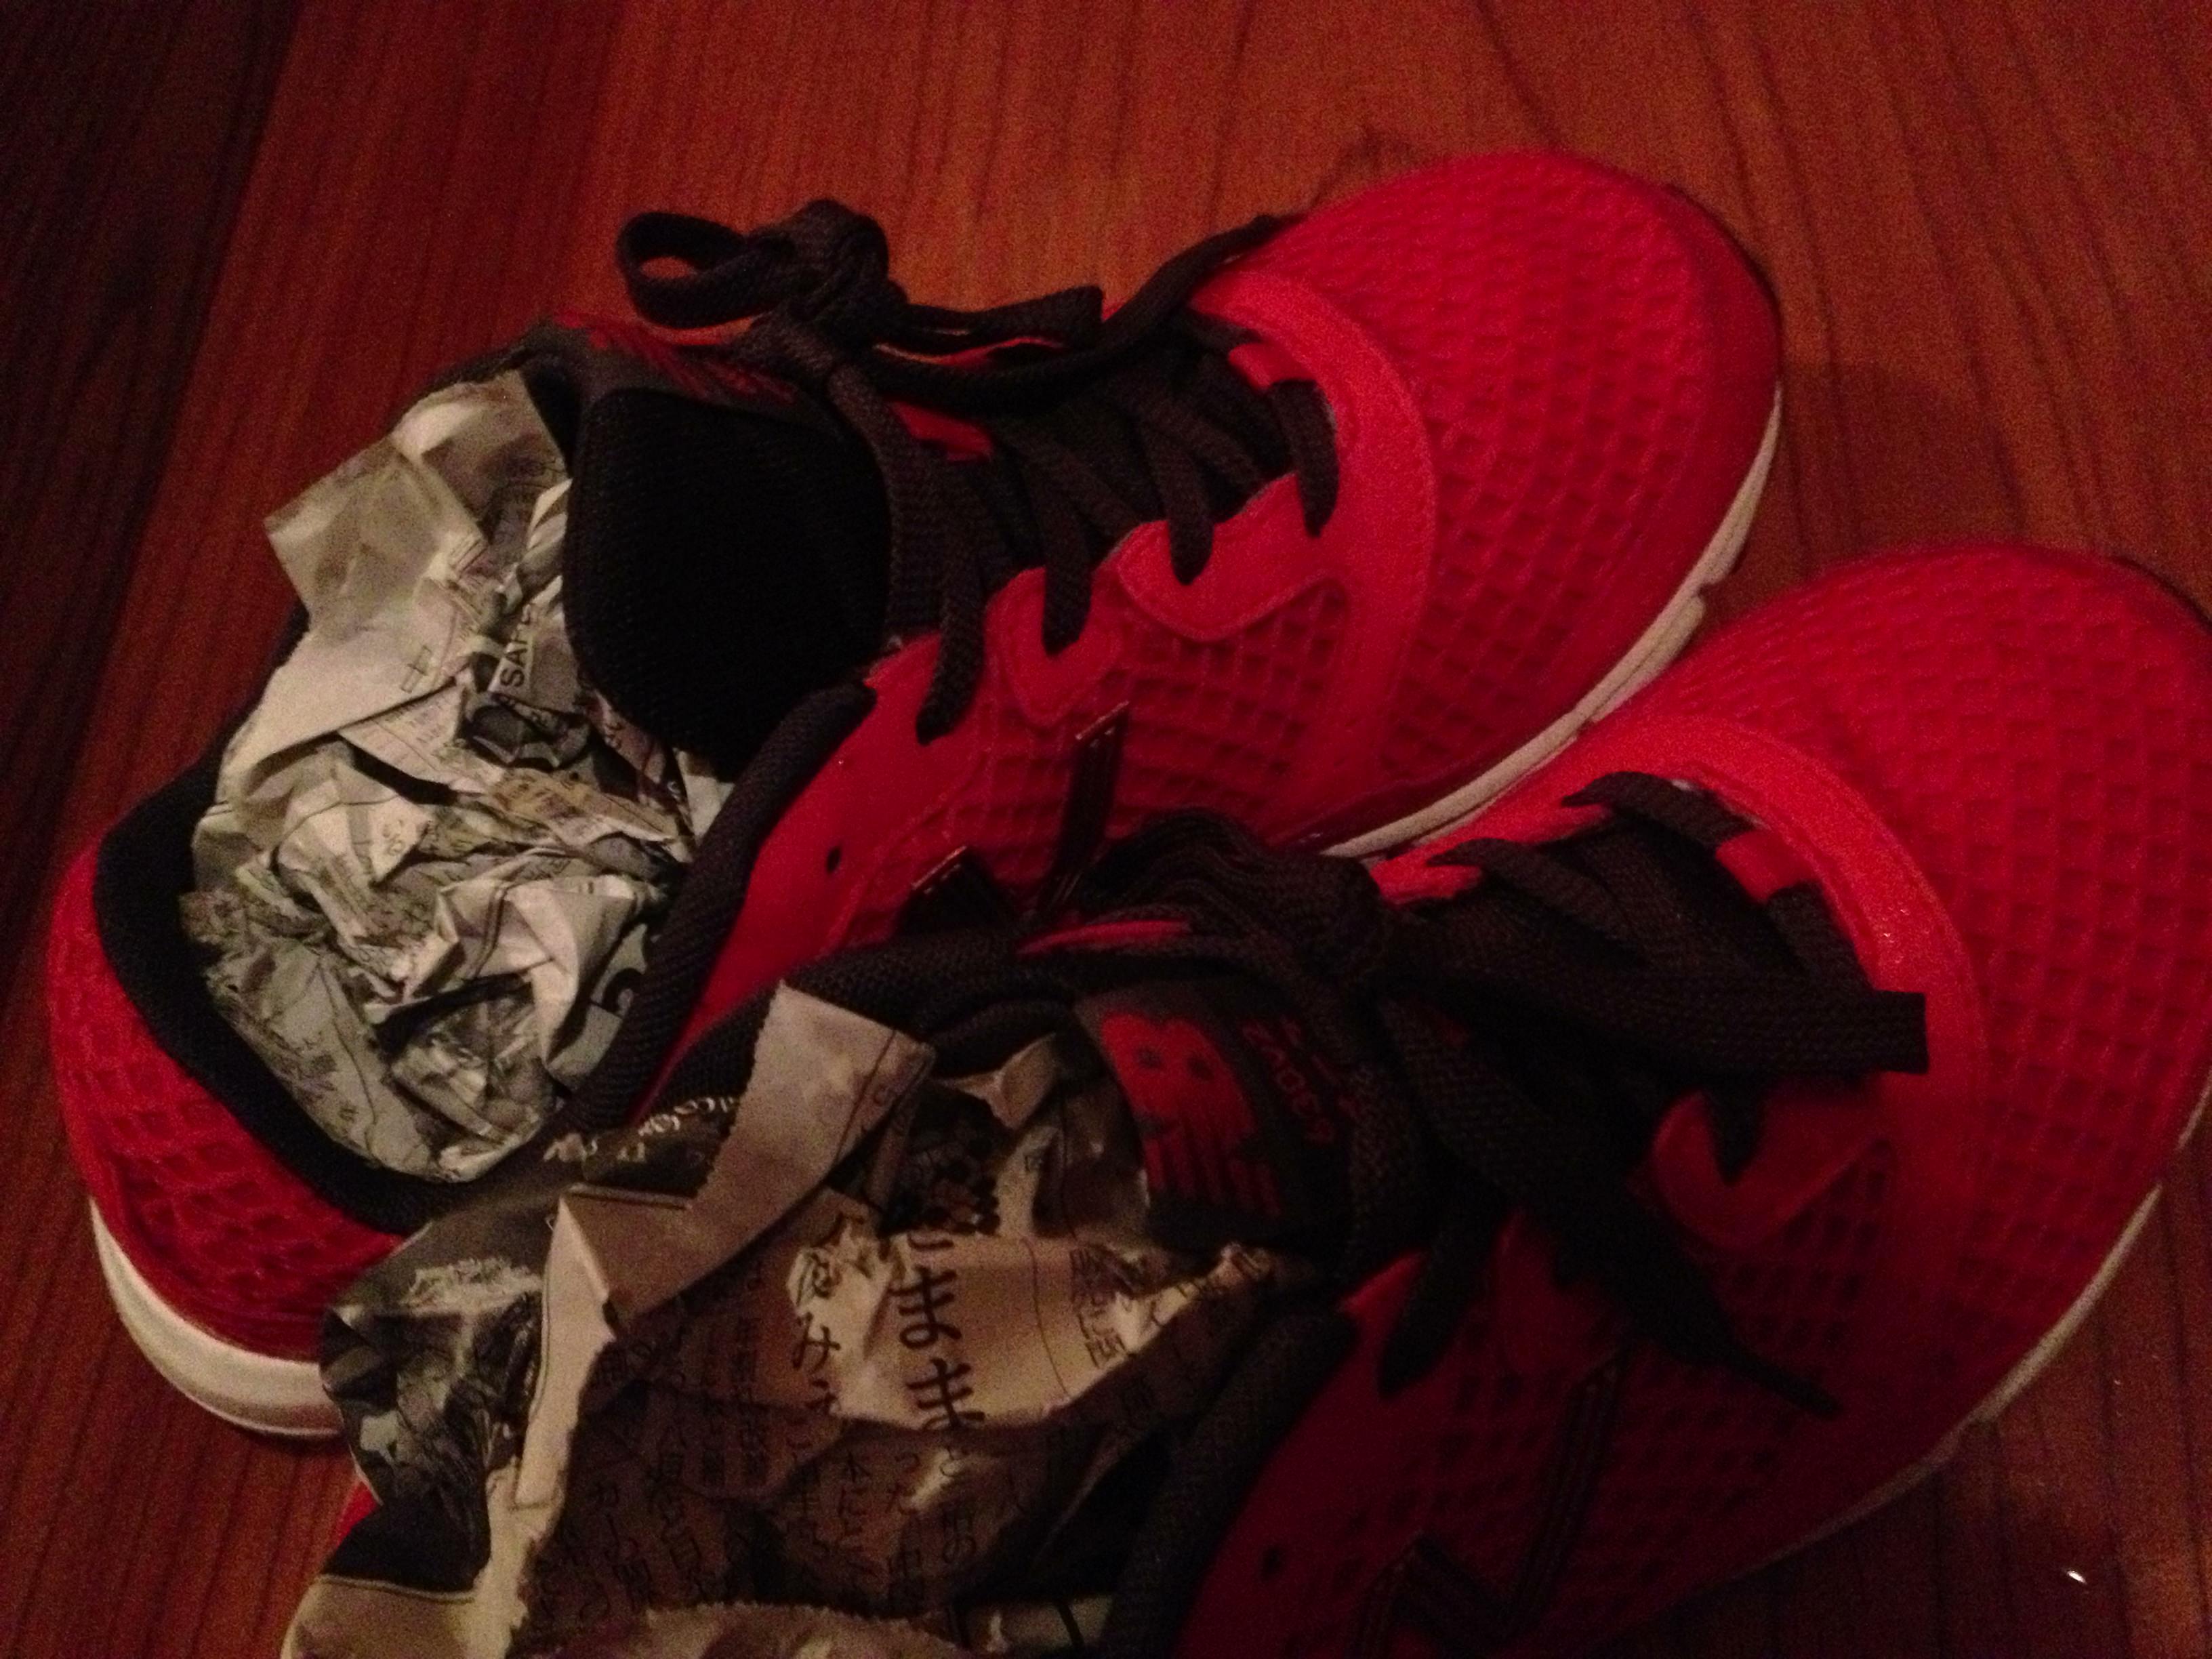 ランニング中の雨でずぶ濡れ、新聞を使って靴を早く乾かす裏ワザ